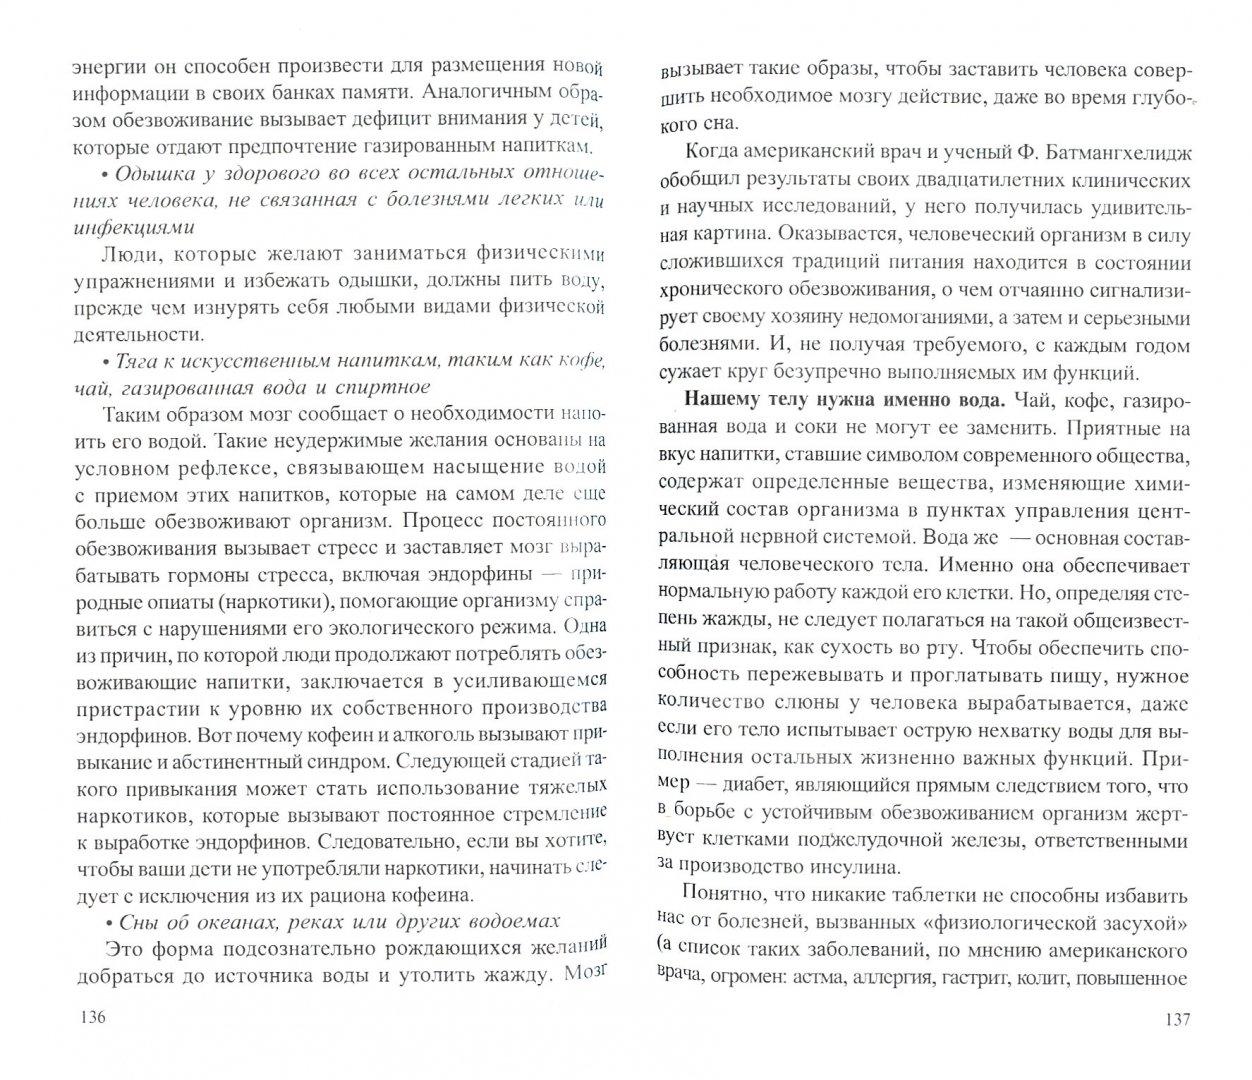 Иллюстрация 1 из 3 для Раздумья о здоровье. XXI век - Семенова, Семенов | Лабиринт - книги. Источник: Лабиринт